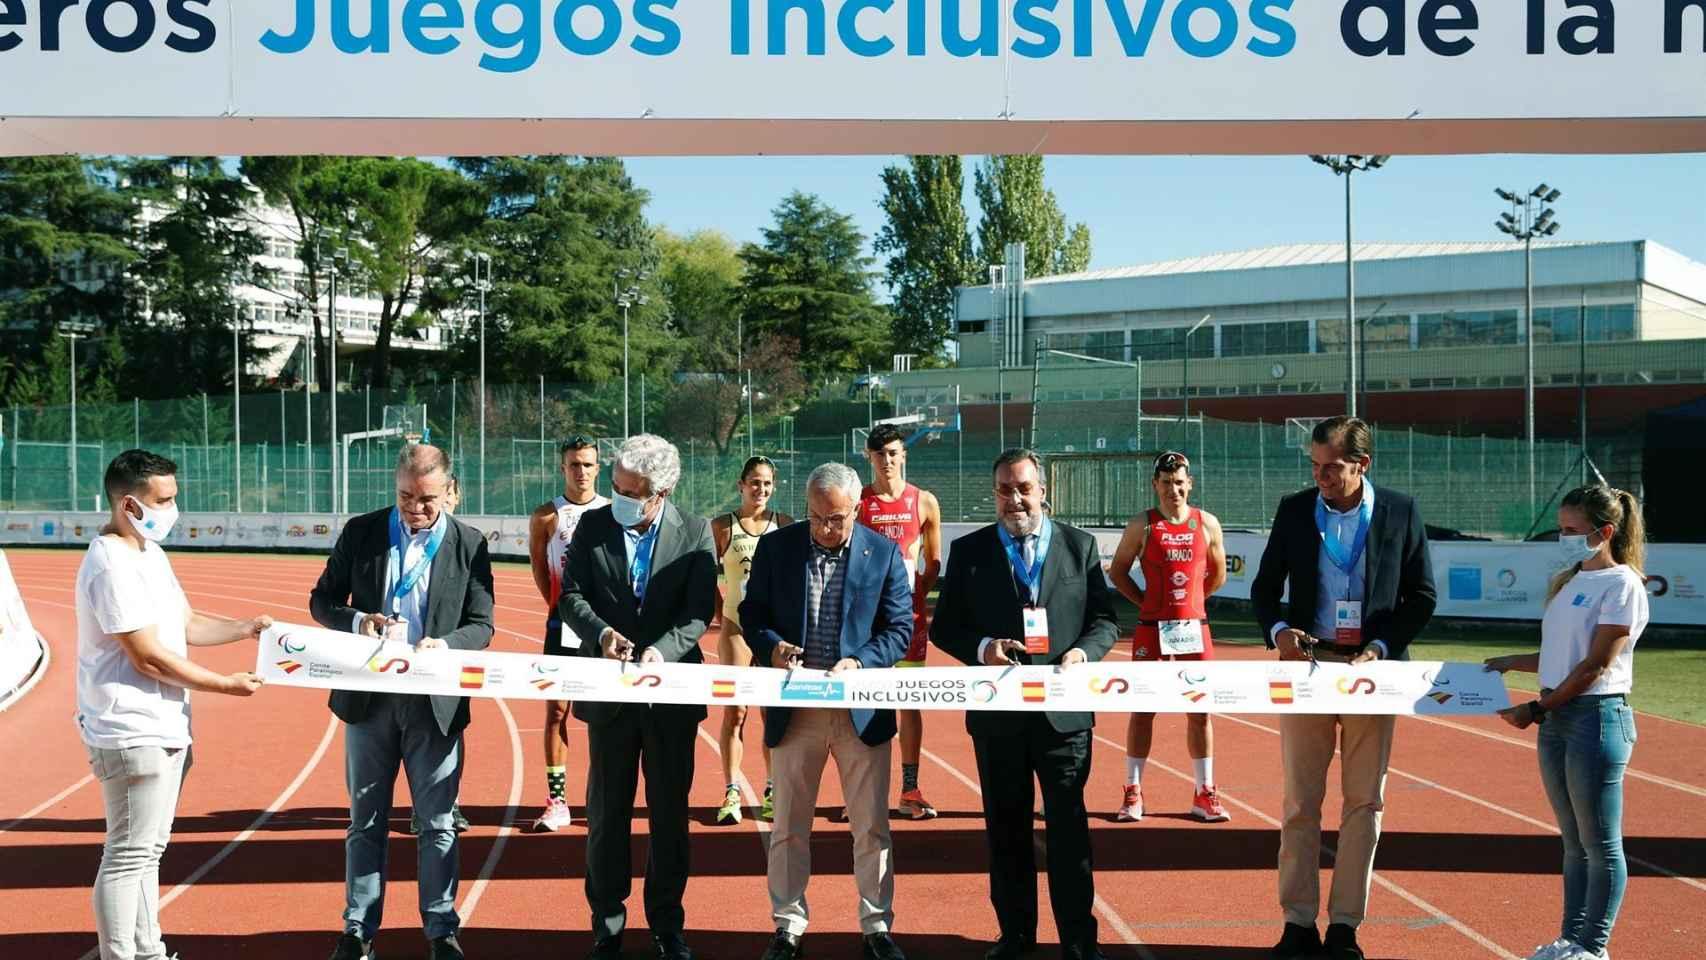 Inauguración de los Juegos Inclusivos con Alejandro Blanco (COE), Miguel Carballeda (CPE) y José Manuel Franco (CSD)